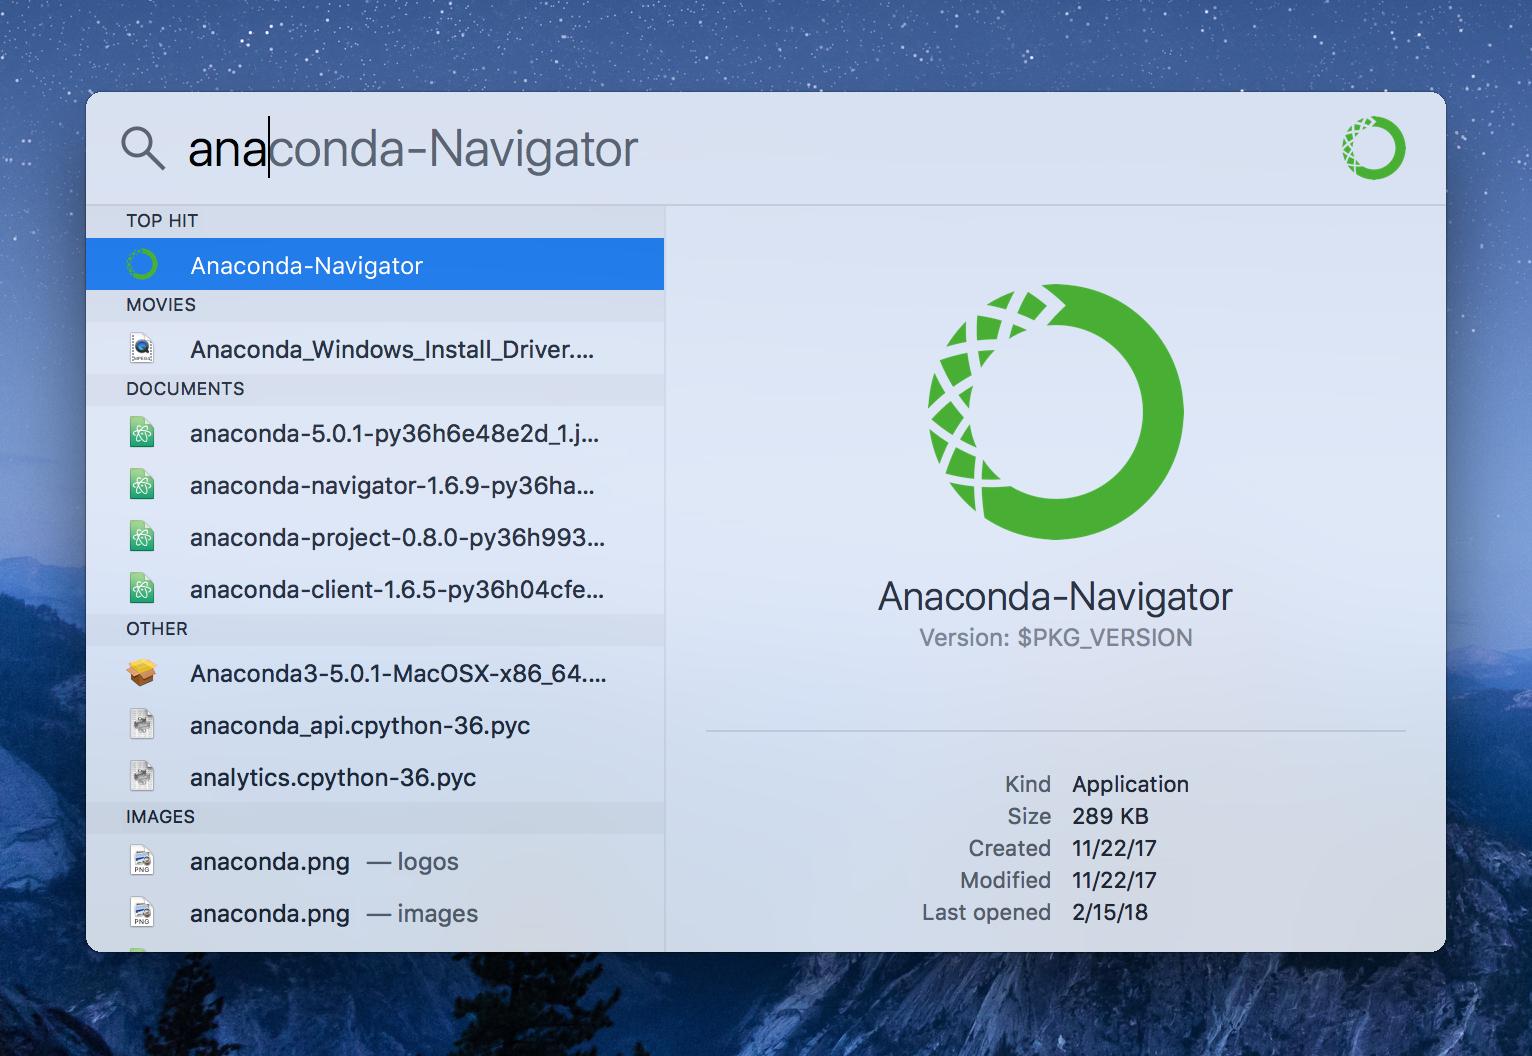 telecharger anaconda 2